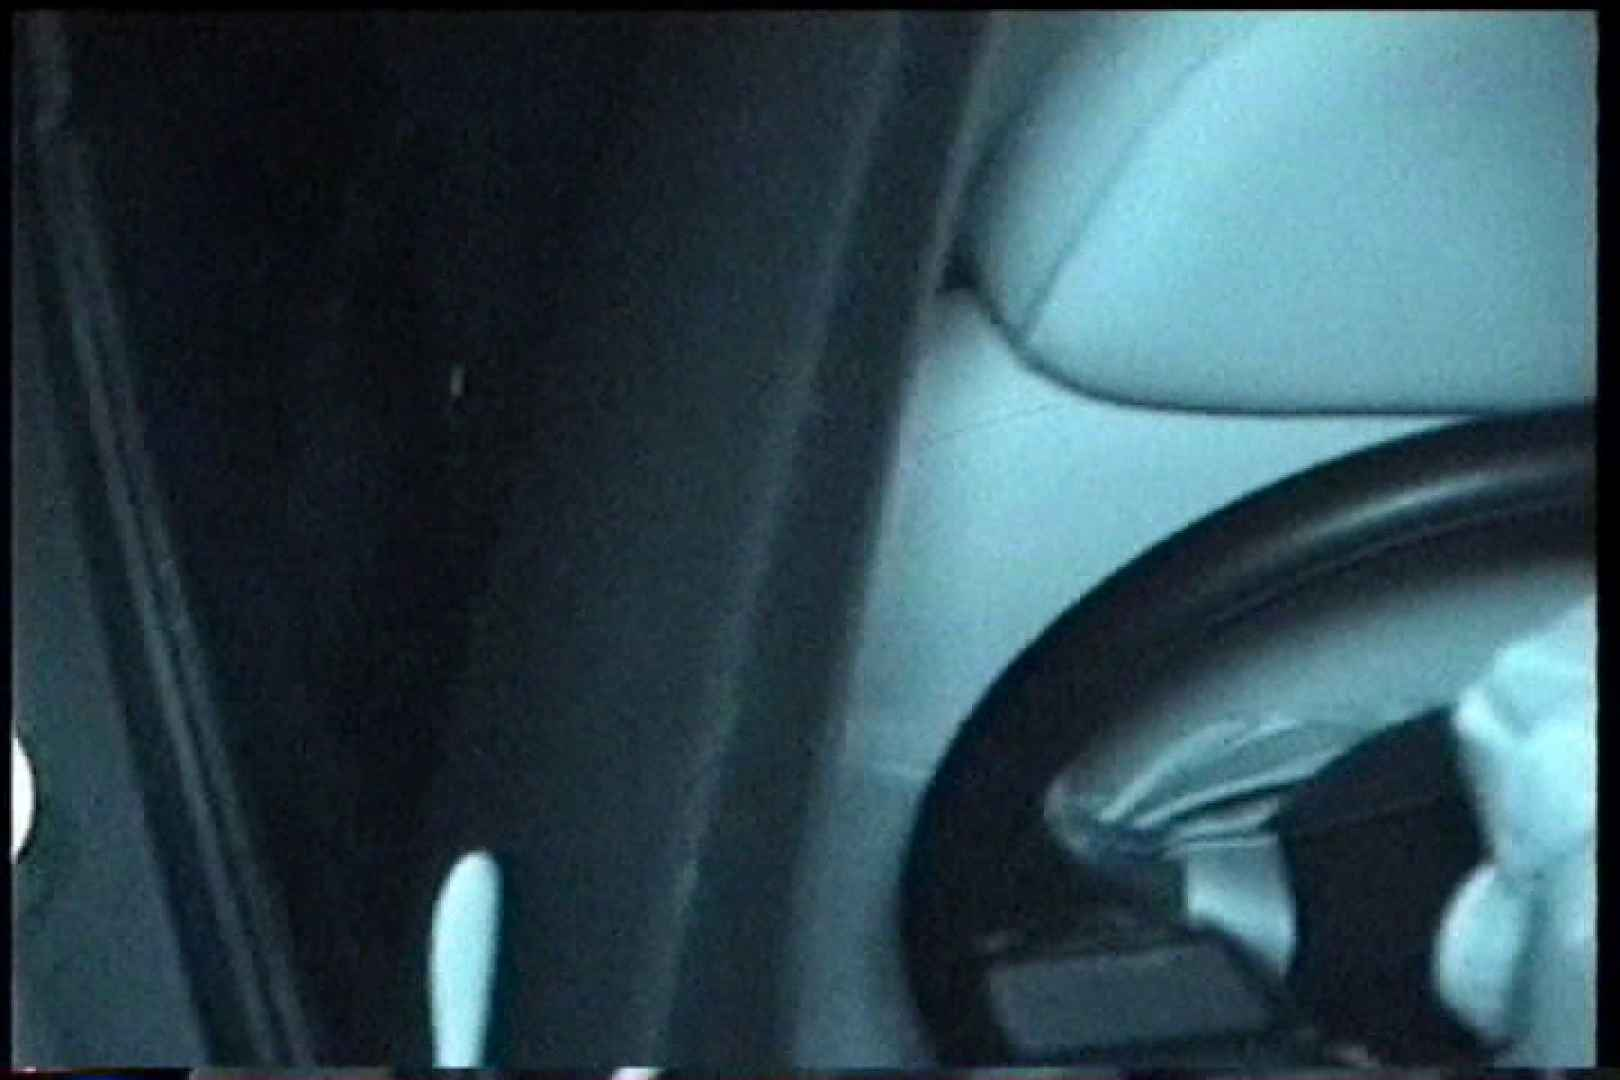 充血監督の深夜の運動会Vol.167 エロティックなOL おまんこ無修正動画無料 103画像 17